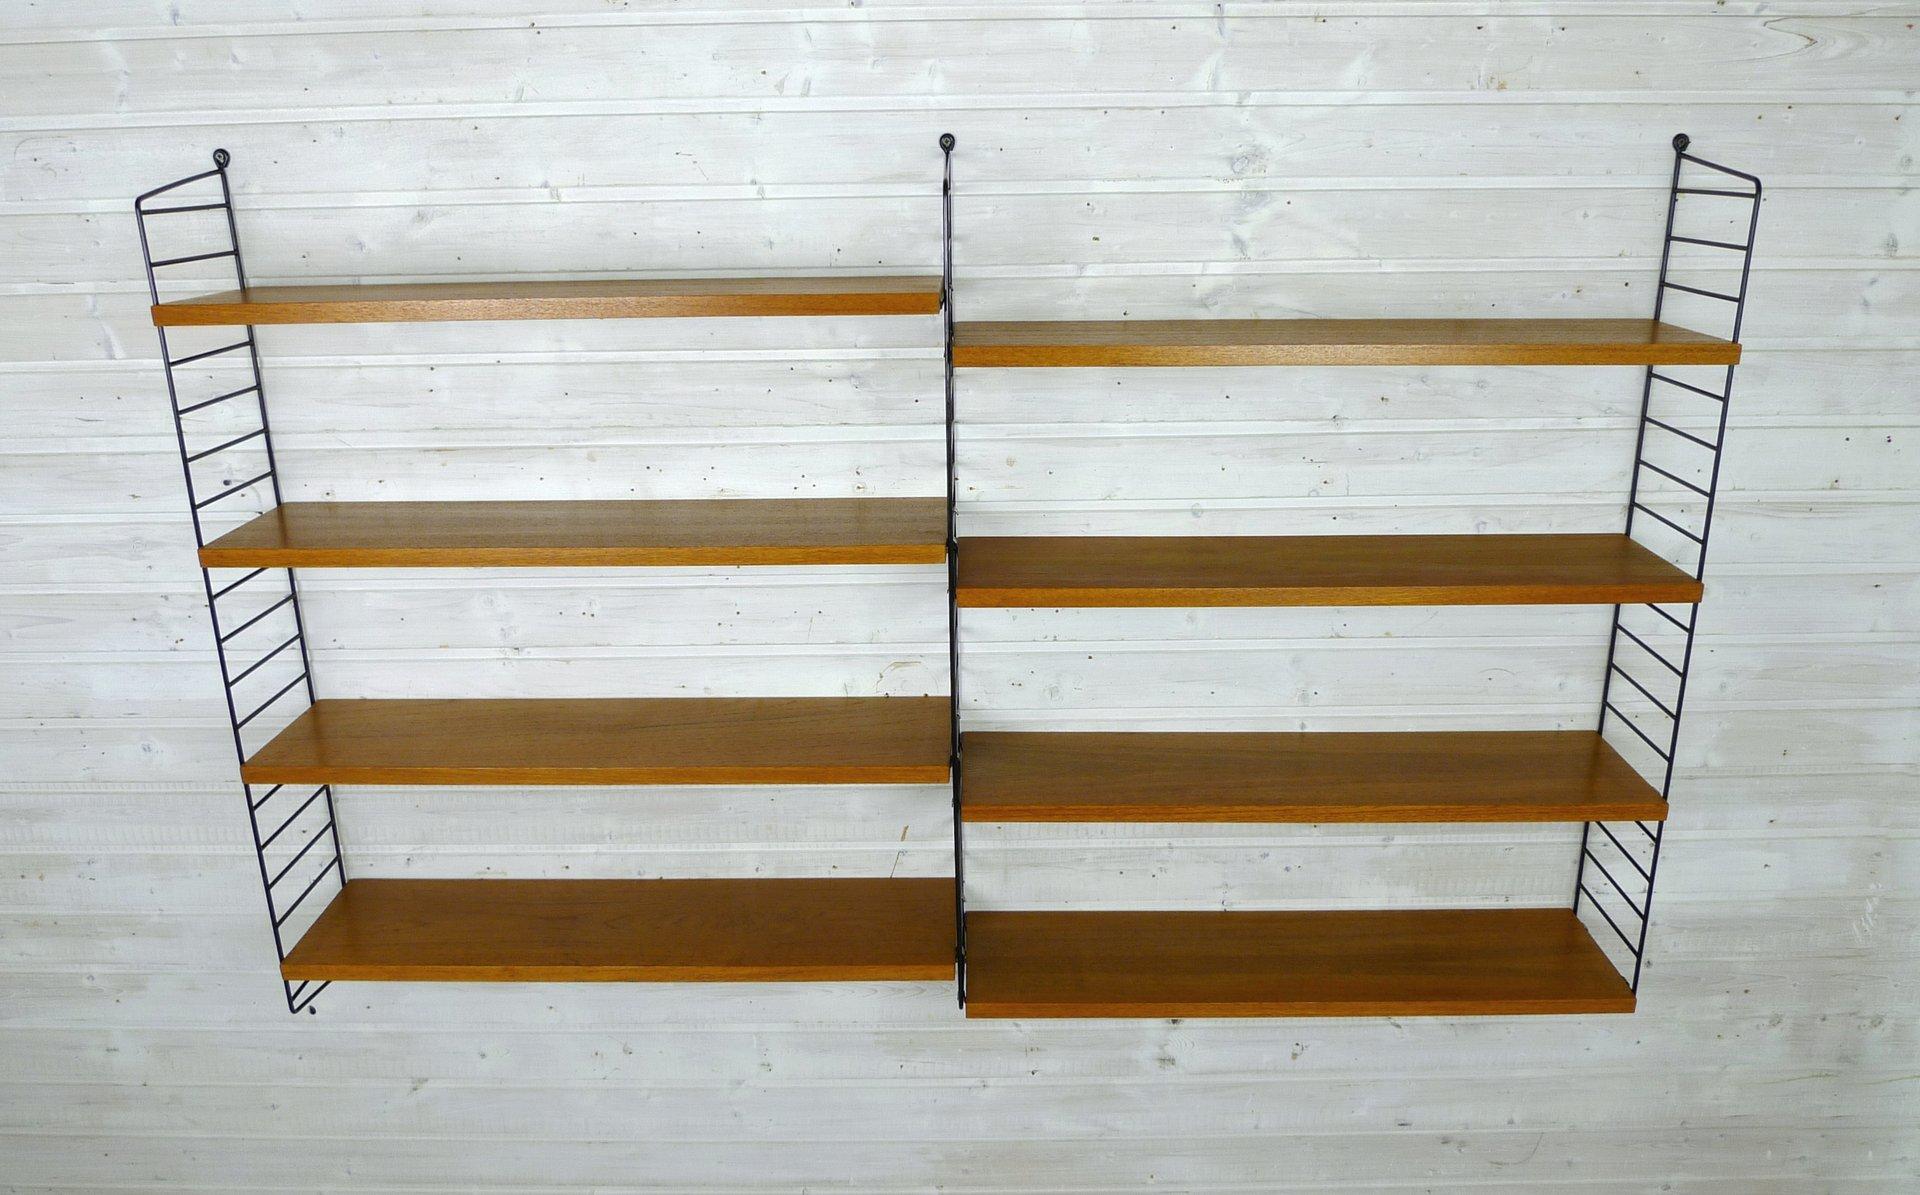 Wand Regale schwedisches wand regal system aus teak nisse strinning für